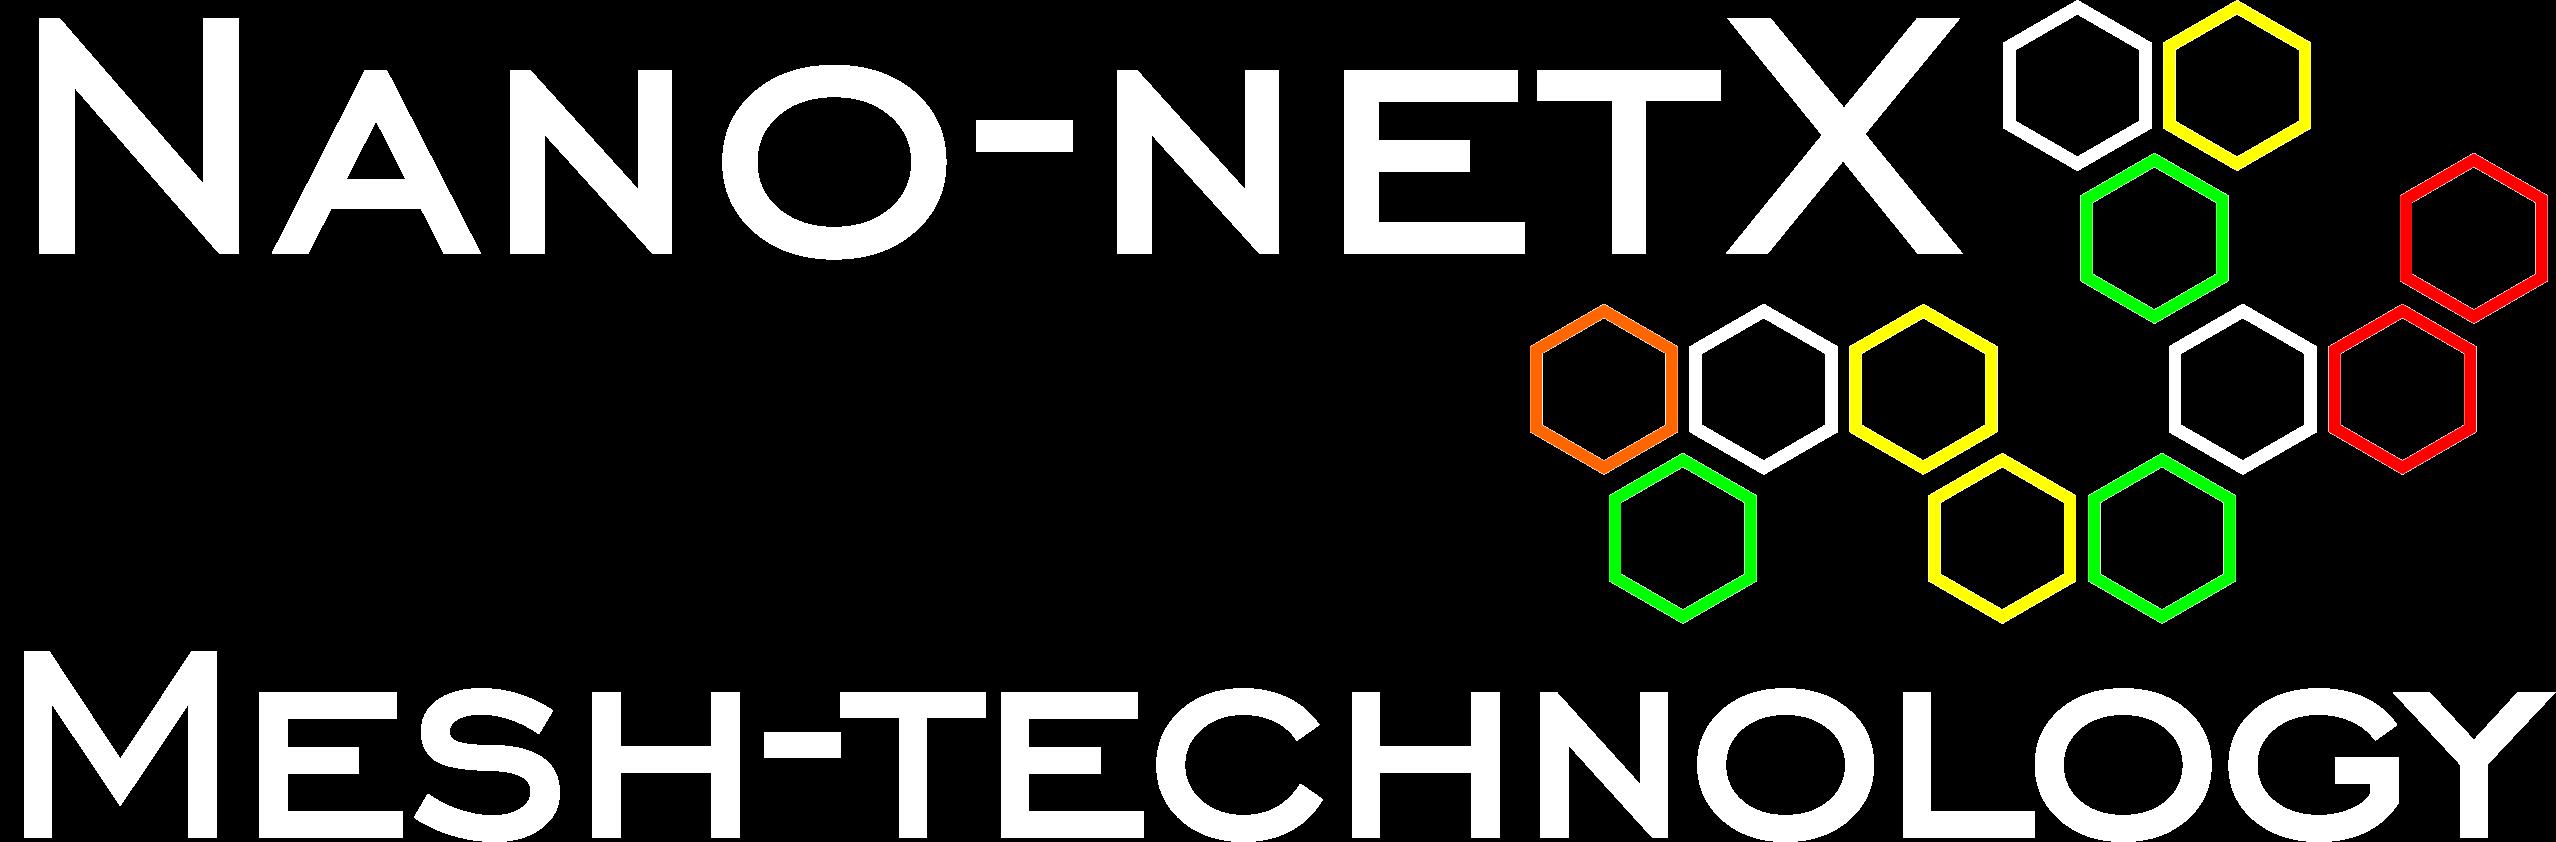 nanonetx.pl